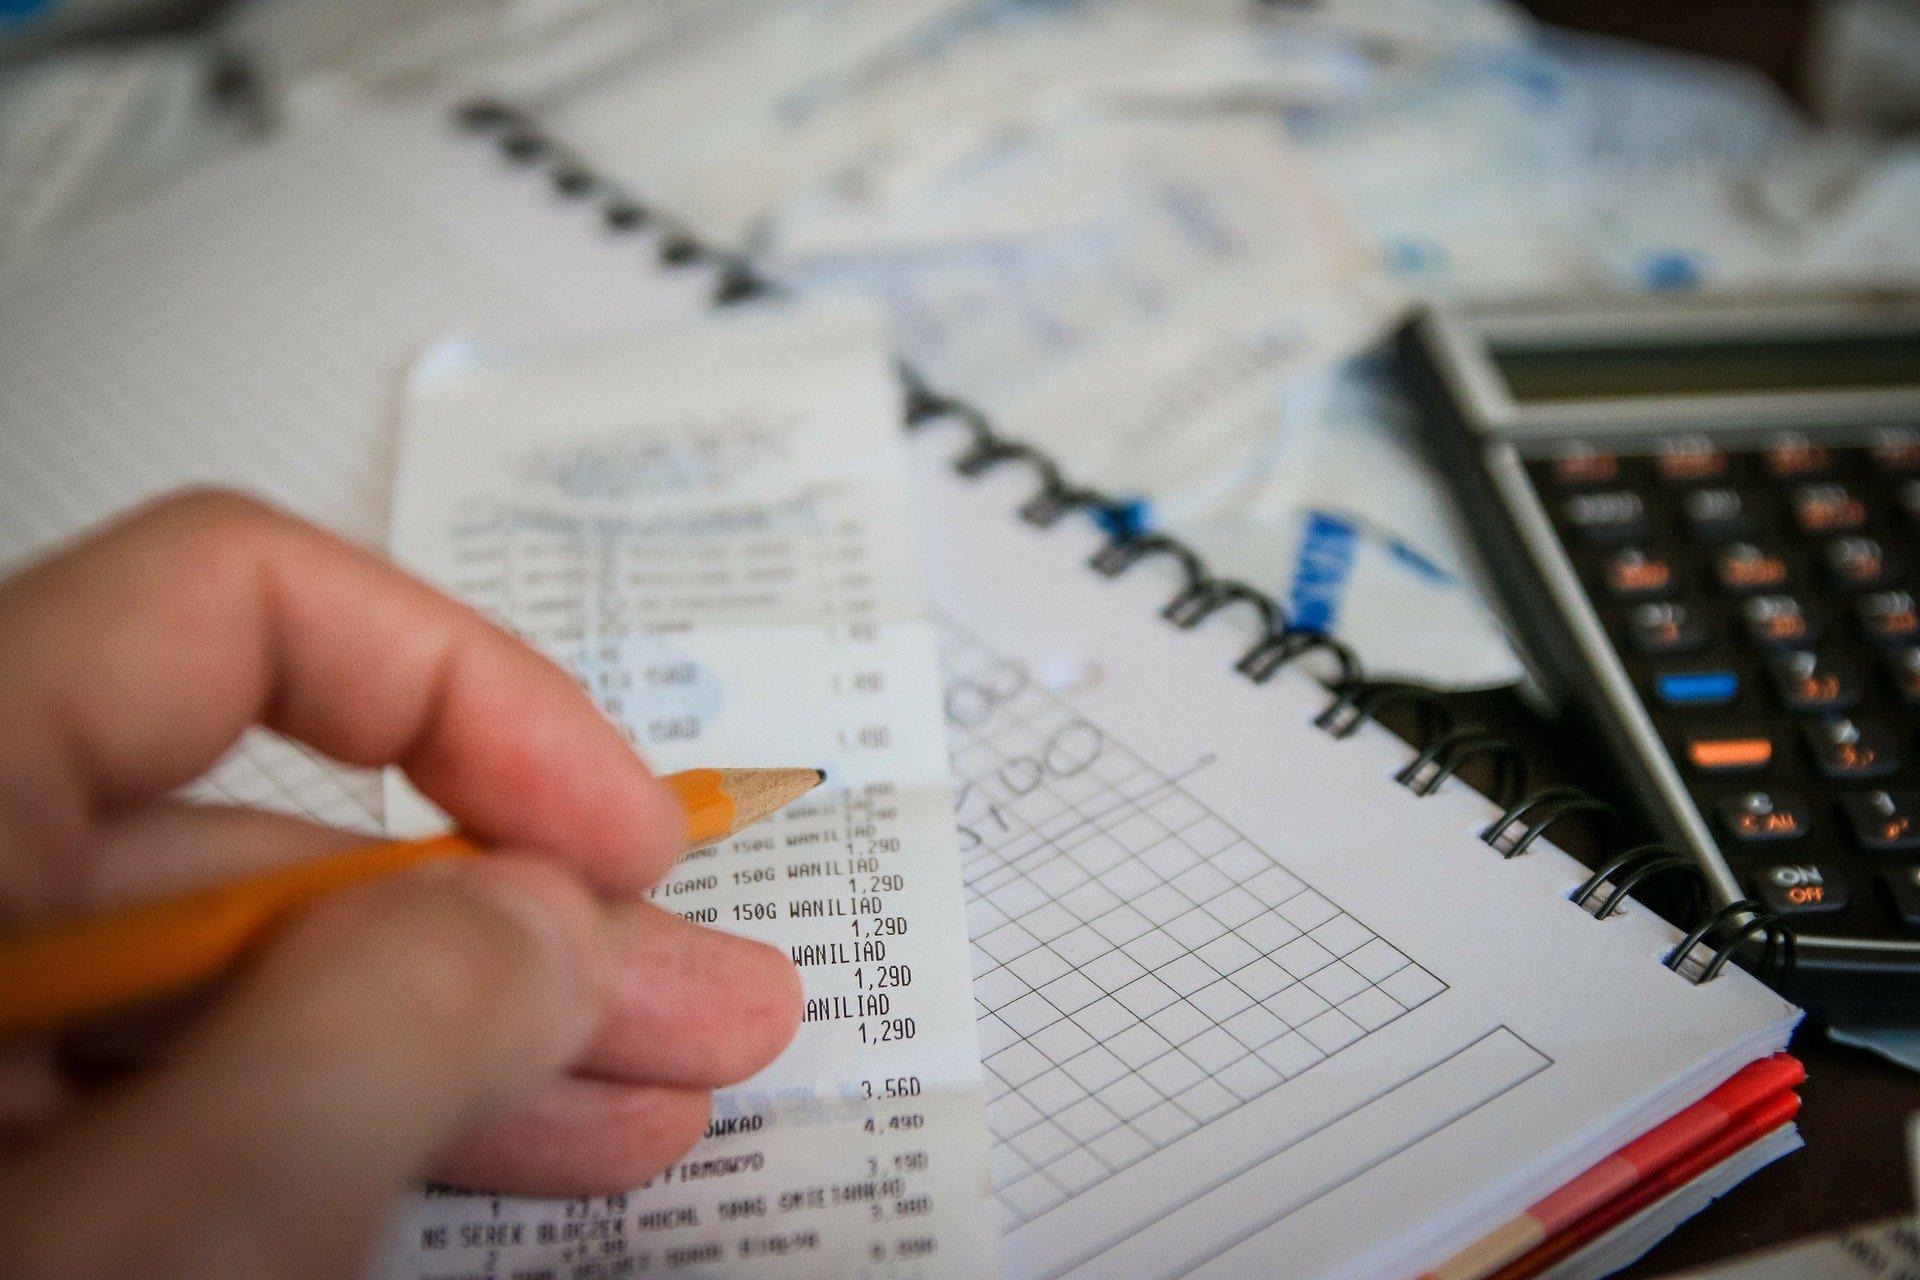 Izredna denarna socialna pomoč (IDSP) je namenjena skoraj vsem državljanom